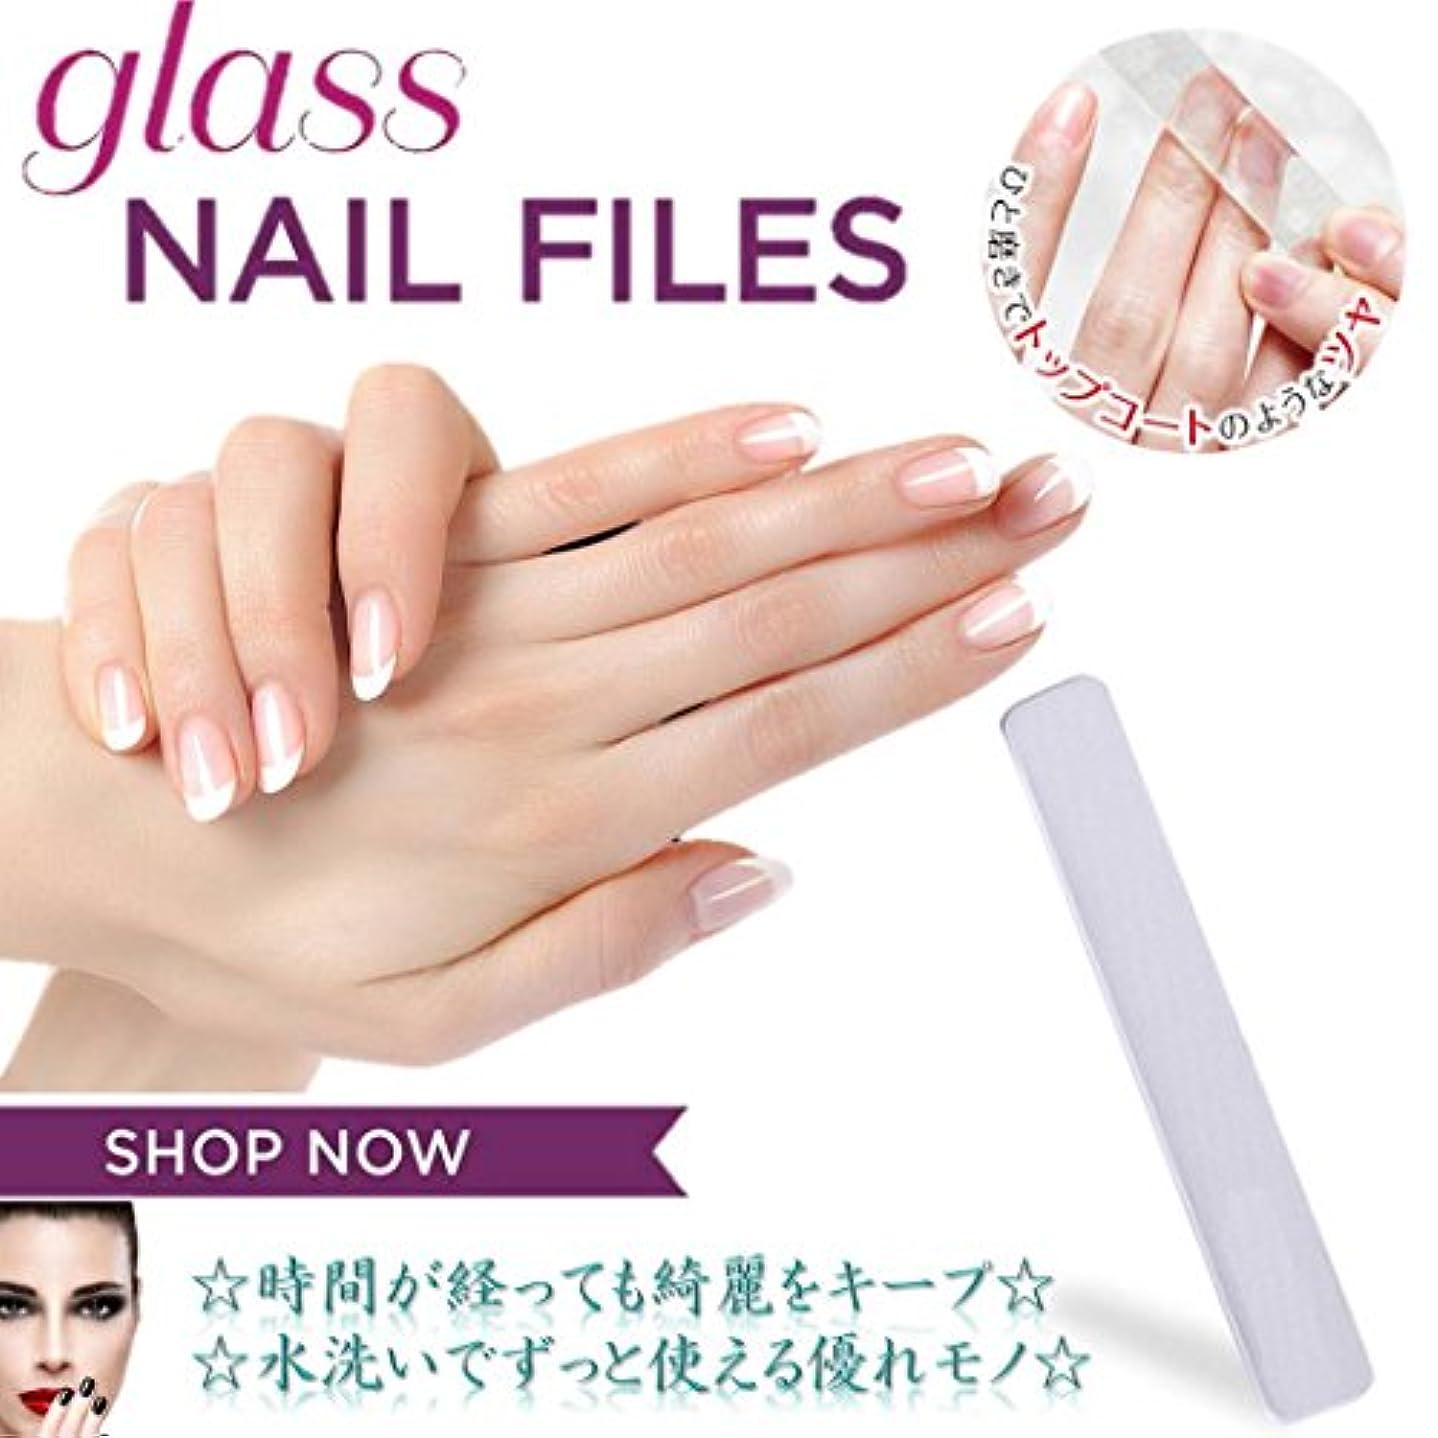 有効化壮大キャベツMNoel ガラス爪磨き 韓国ナノテクノロジー ガラス爪やすり 水洗いで何度も使える ツメミガキ ネイルケア用 爪磨きシート ケース付き 男女兼用